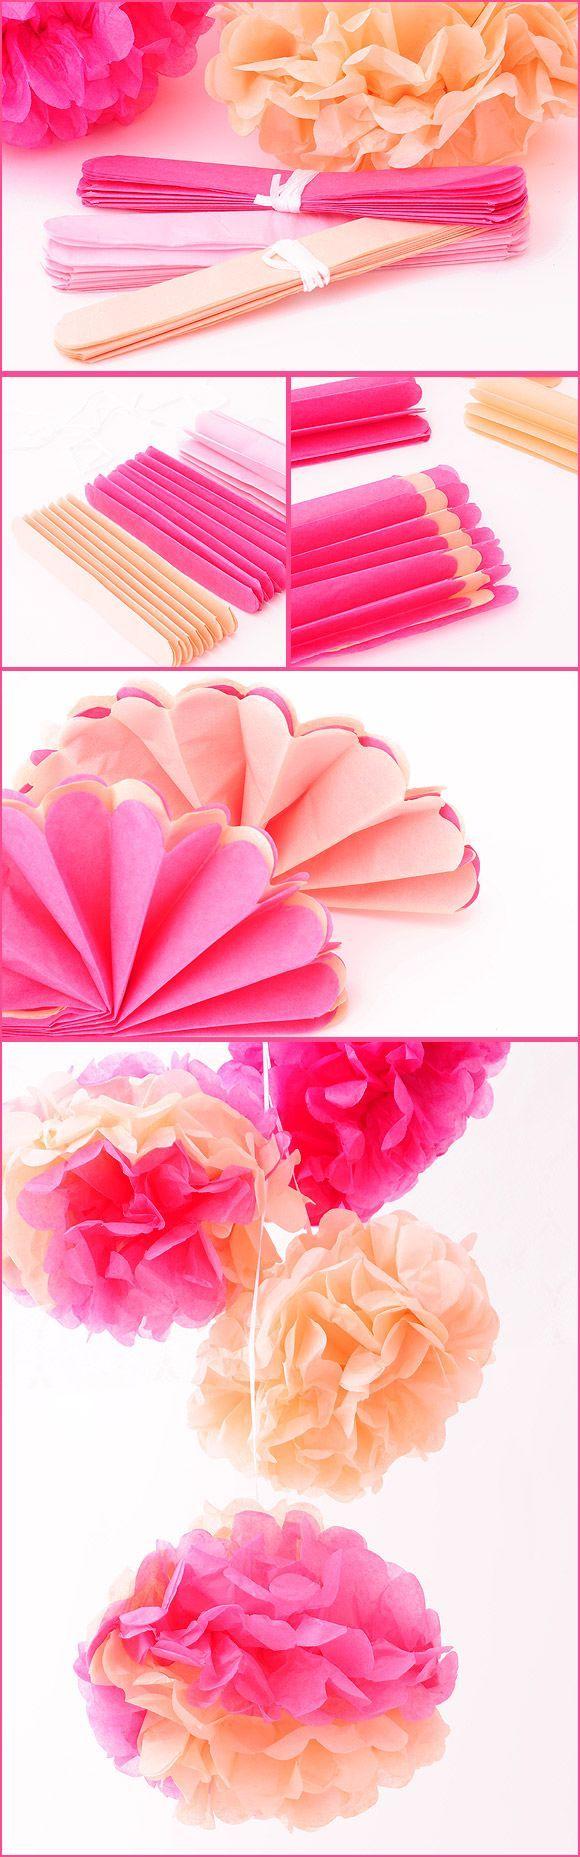 DIY de Bodas: Como hacer pompones de papel de dos colores | Blog con ideas originales para organizar tu boda. | Bloglovin'